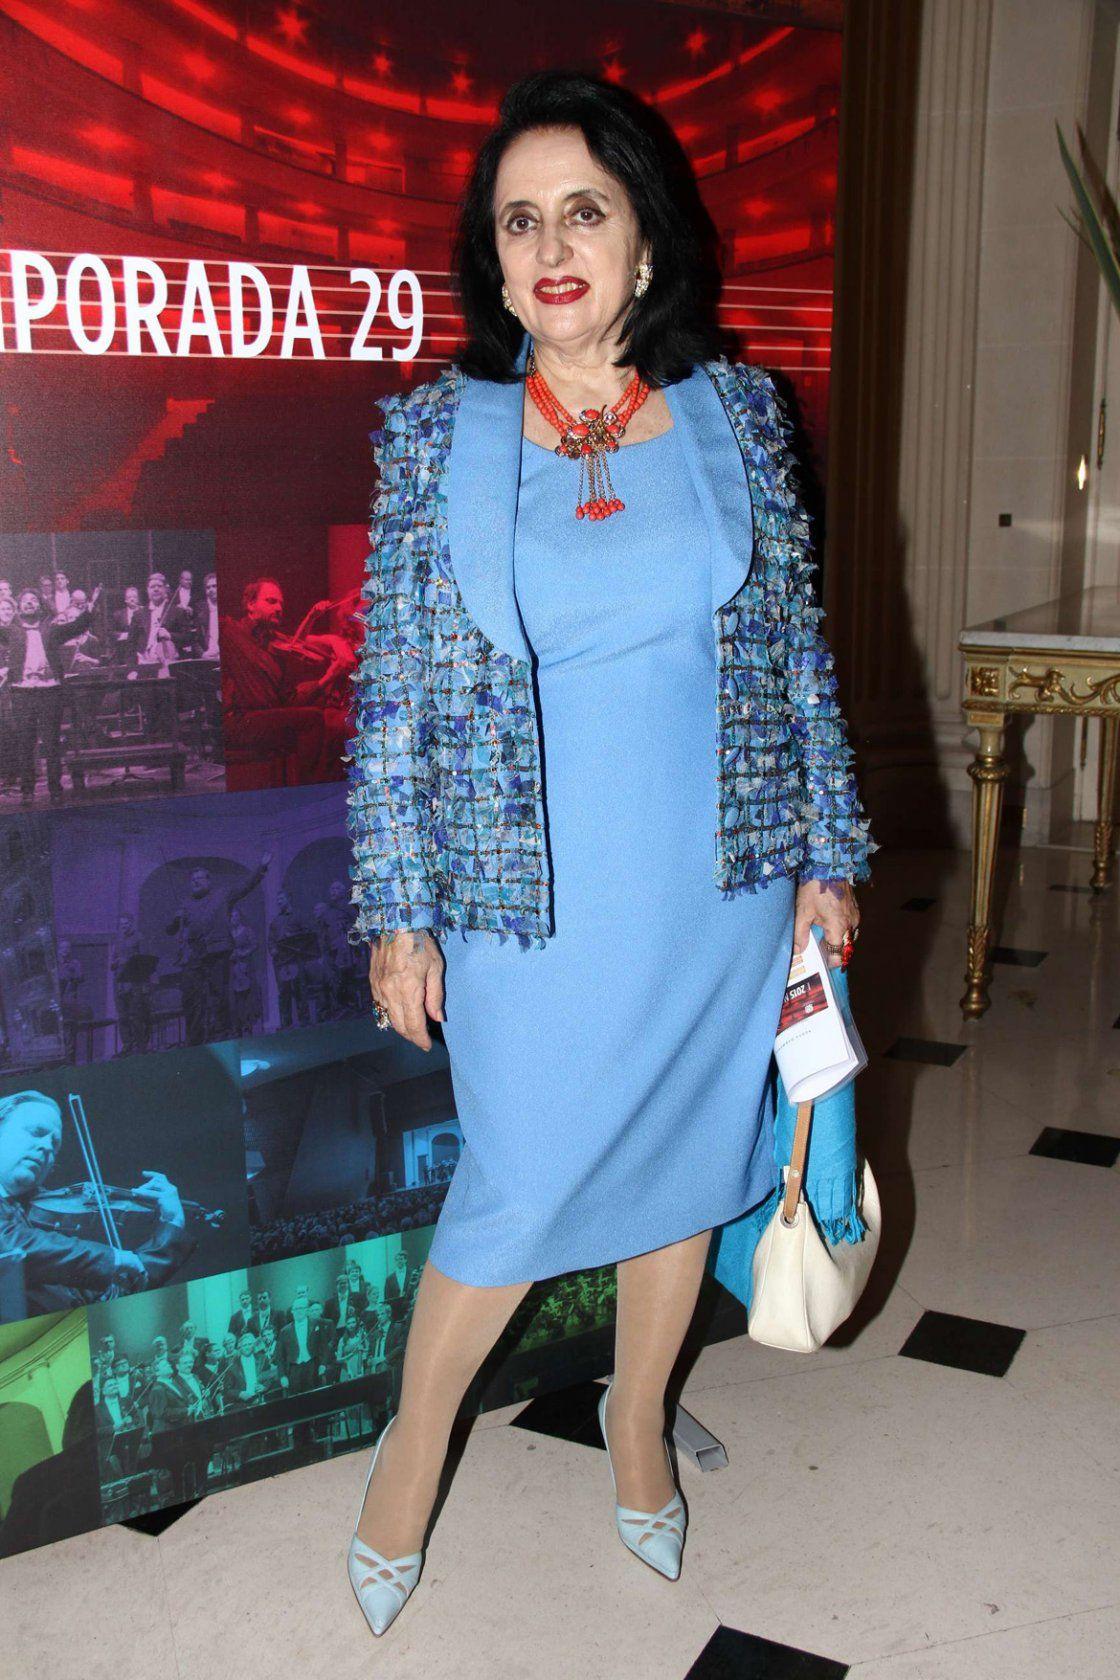 Murió la reconocida periodista de espectáculos Juana Patiño